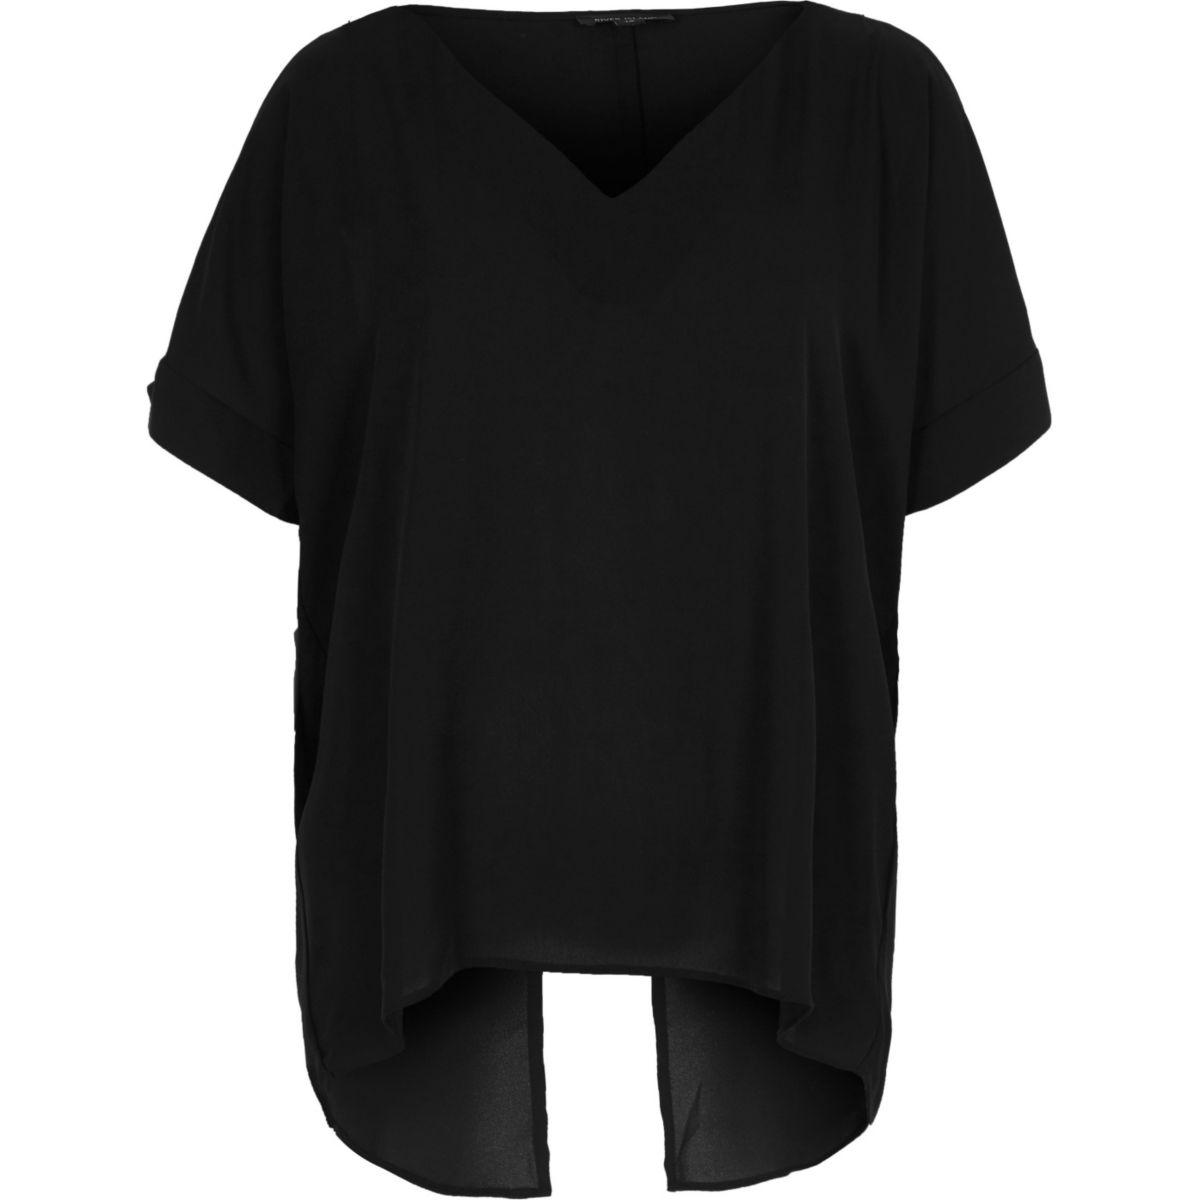 Zwarte schouderloze top met V-hals